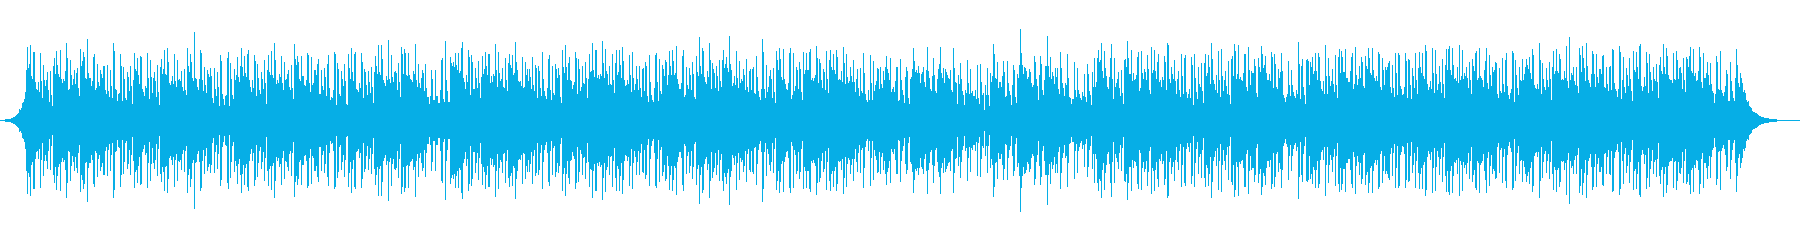 インタビューの背景の再生済みの波形